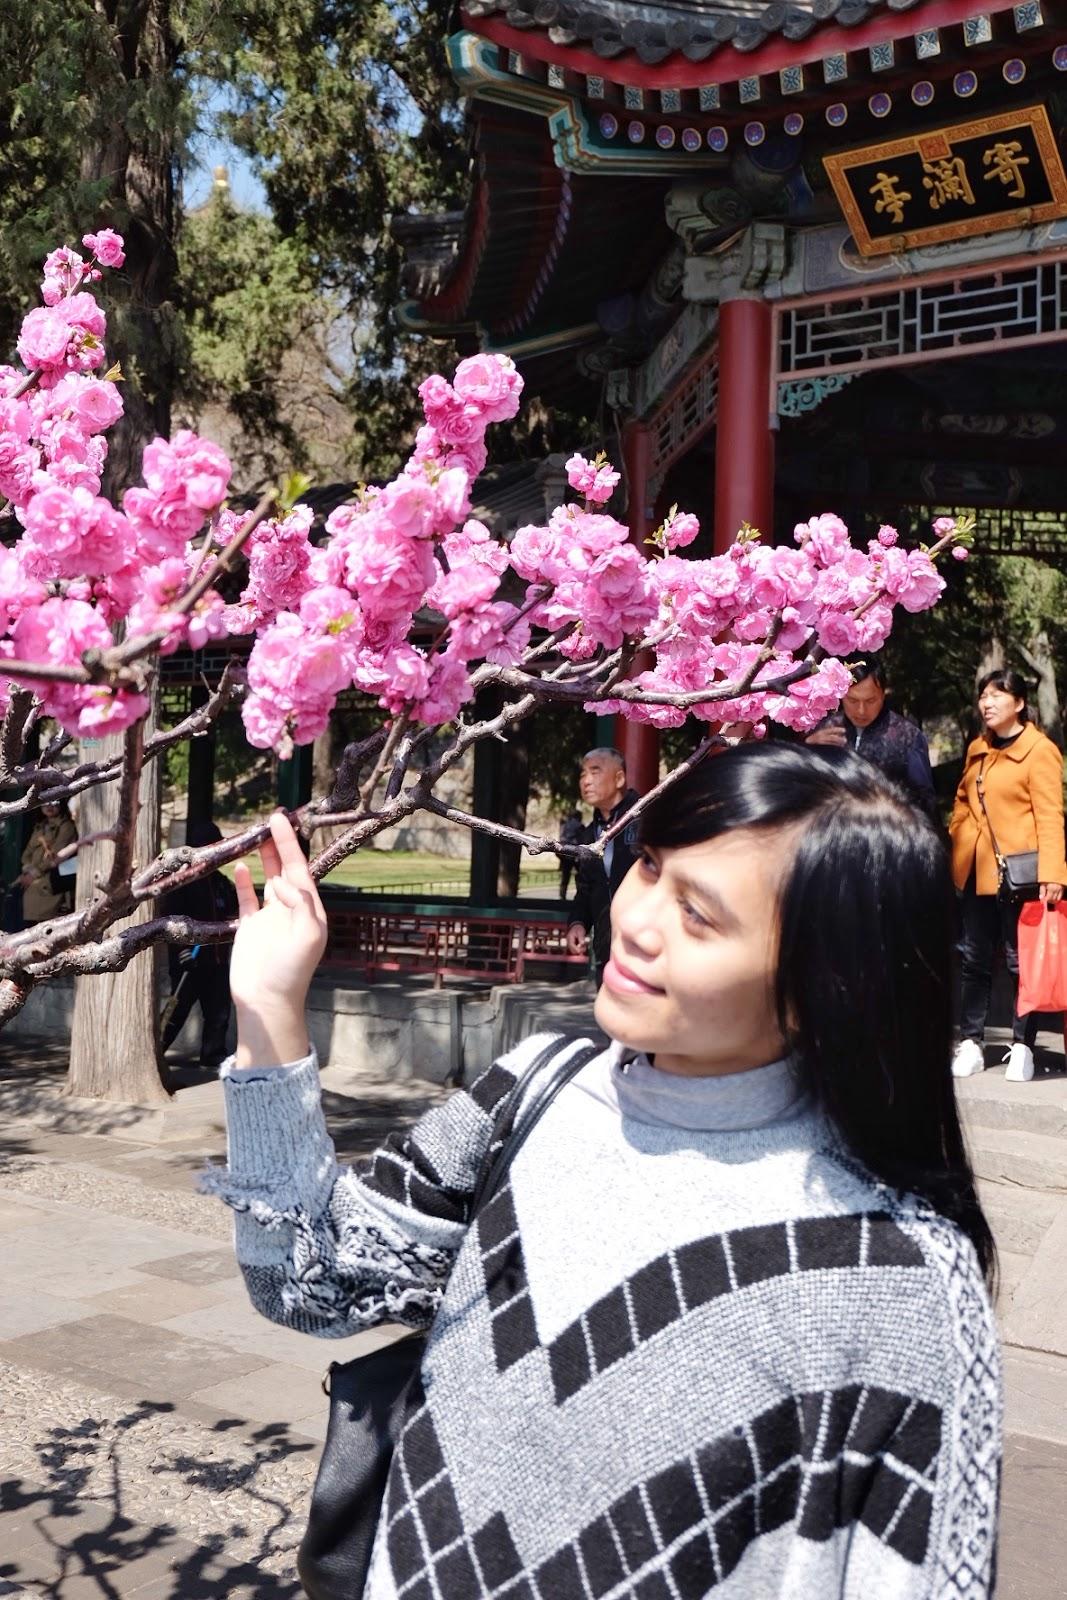 Agus yang berasal dari lumajang, jawa timur, boleh dibilang minim pengalaman traveling saat kuliah di universitas tsinghua di beijing, china pada 2000. Pengalaman Traveling Di China Beijing Dan Shanghai My Life